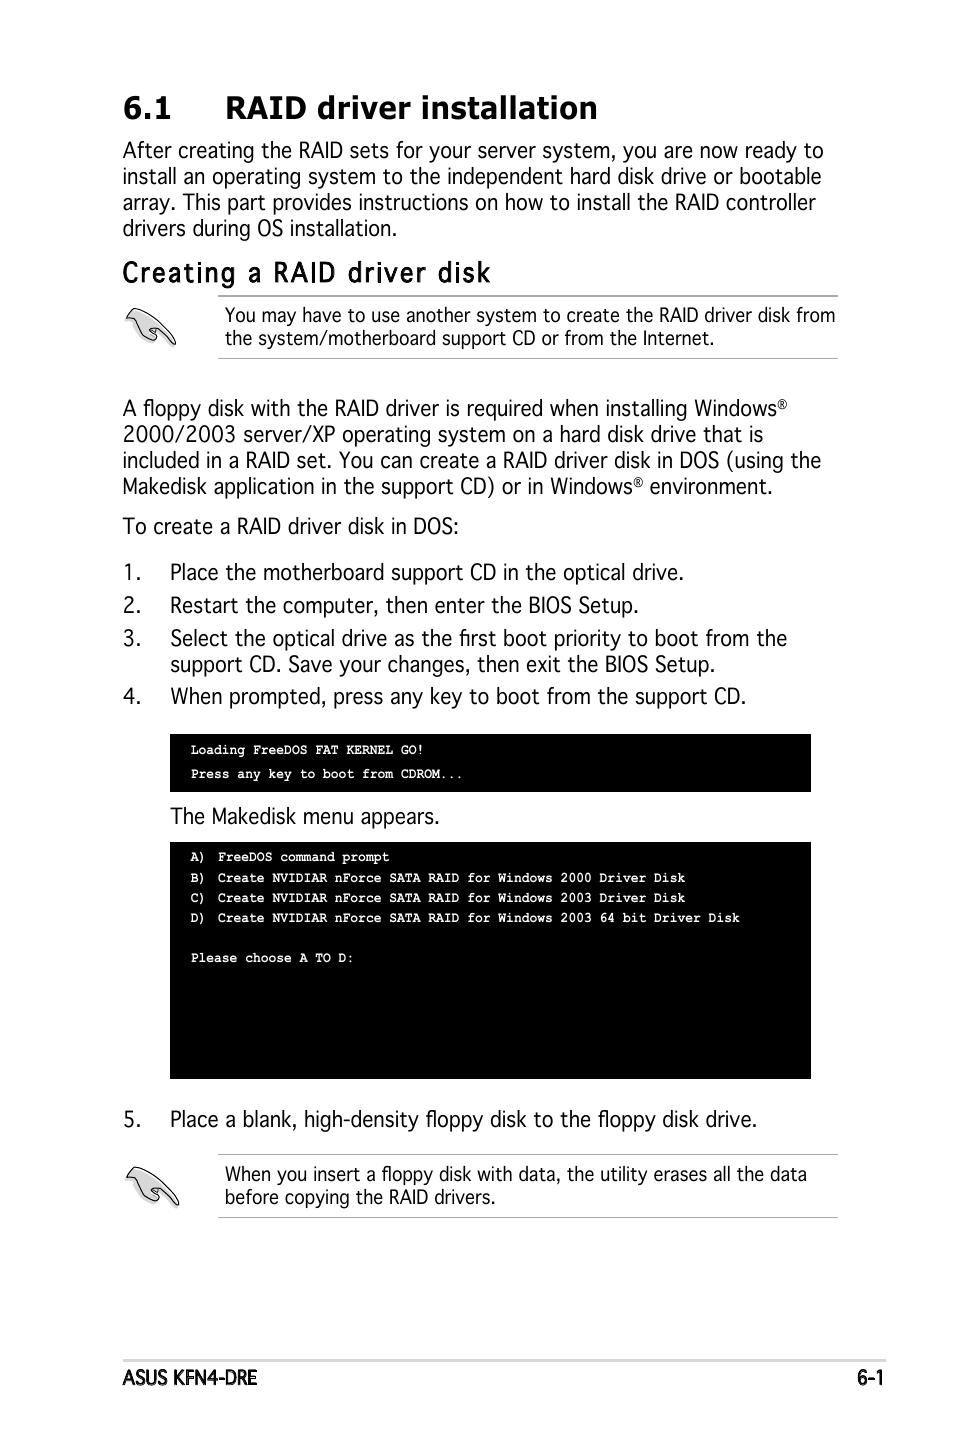 1 raid driver installation, Creating a raid driver disk